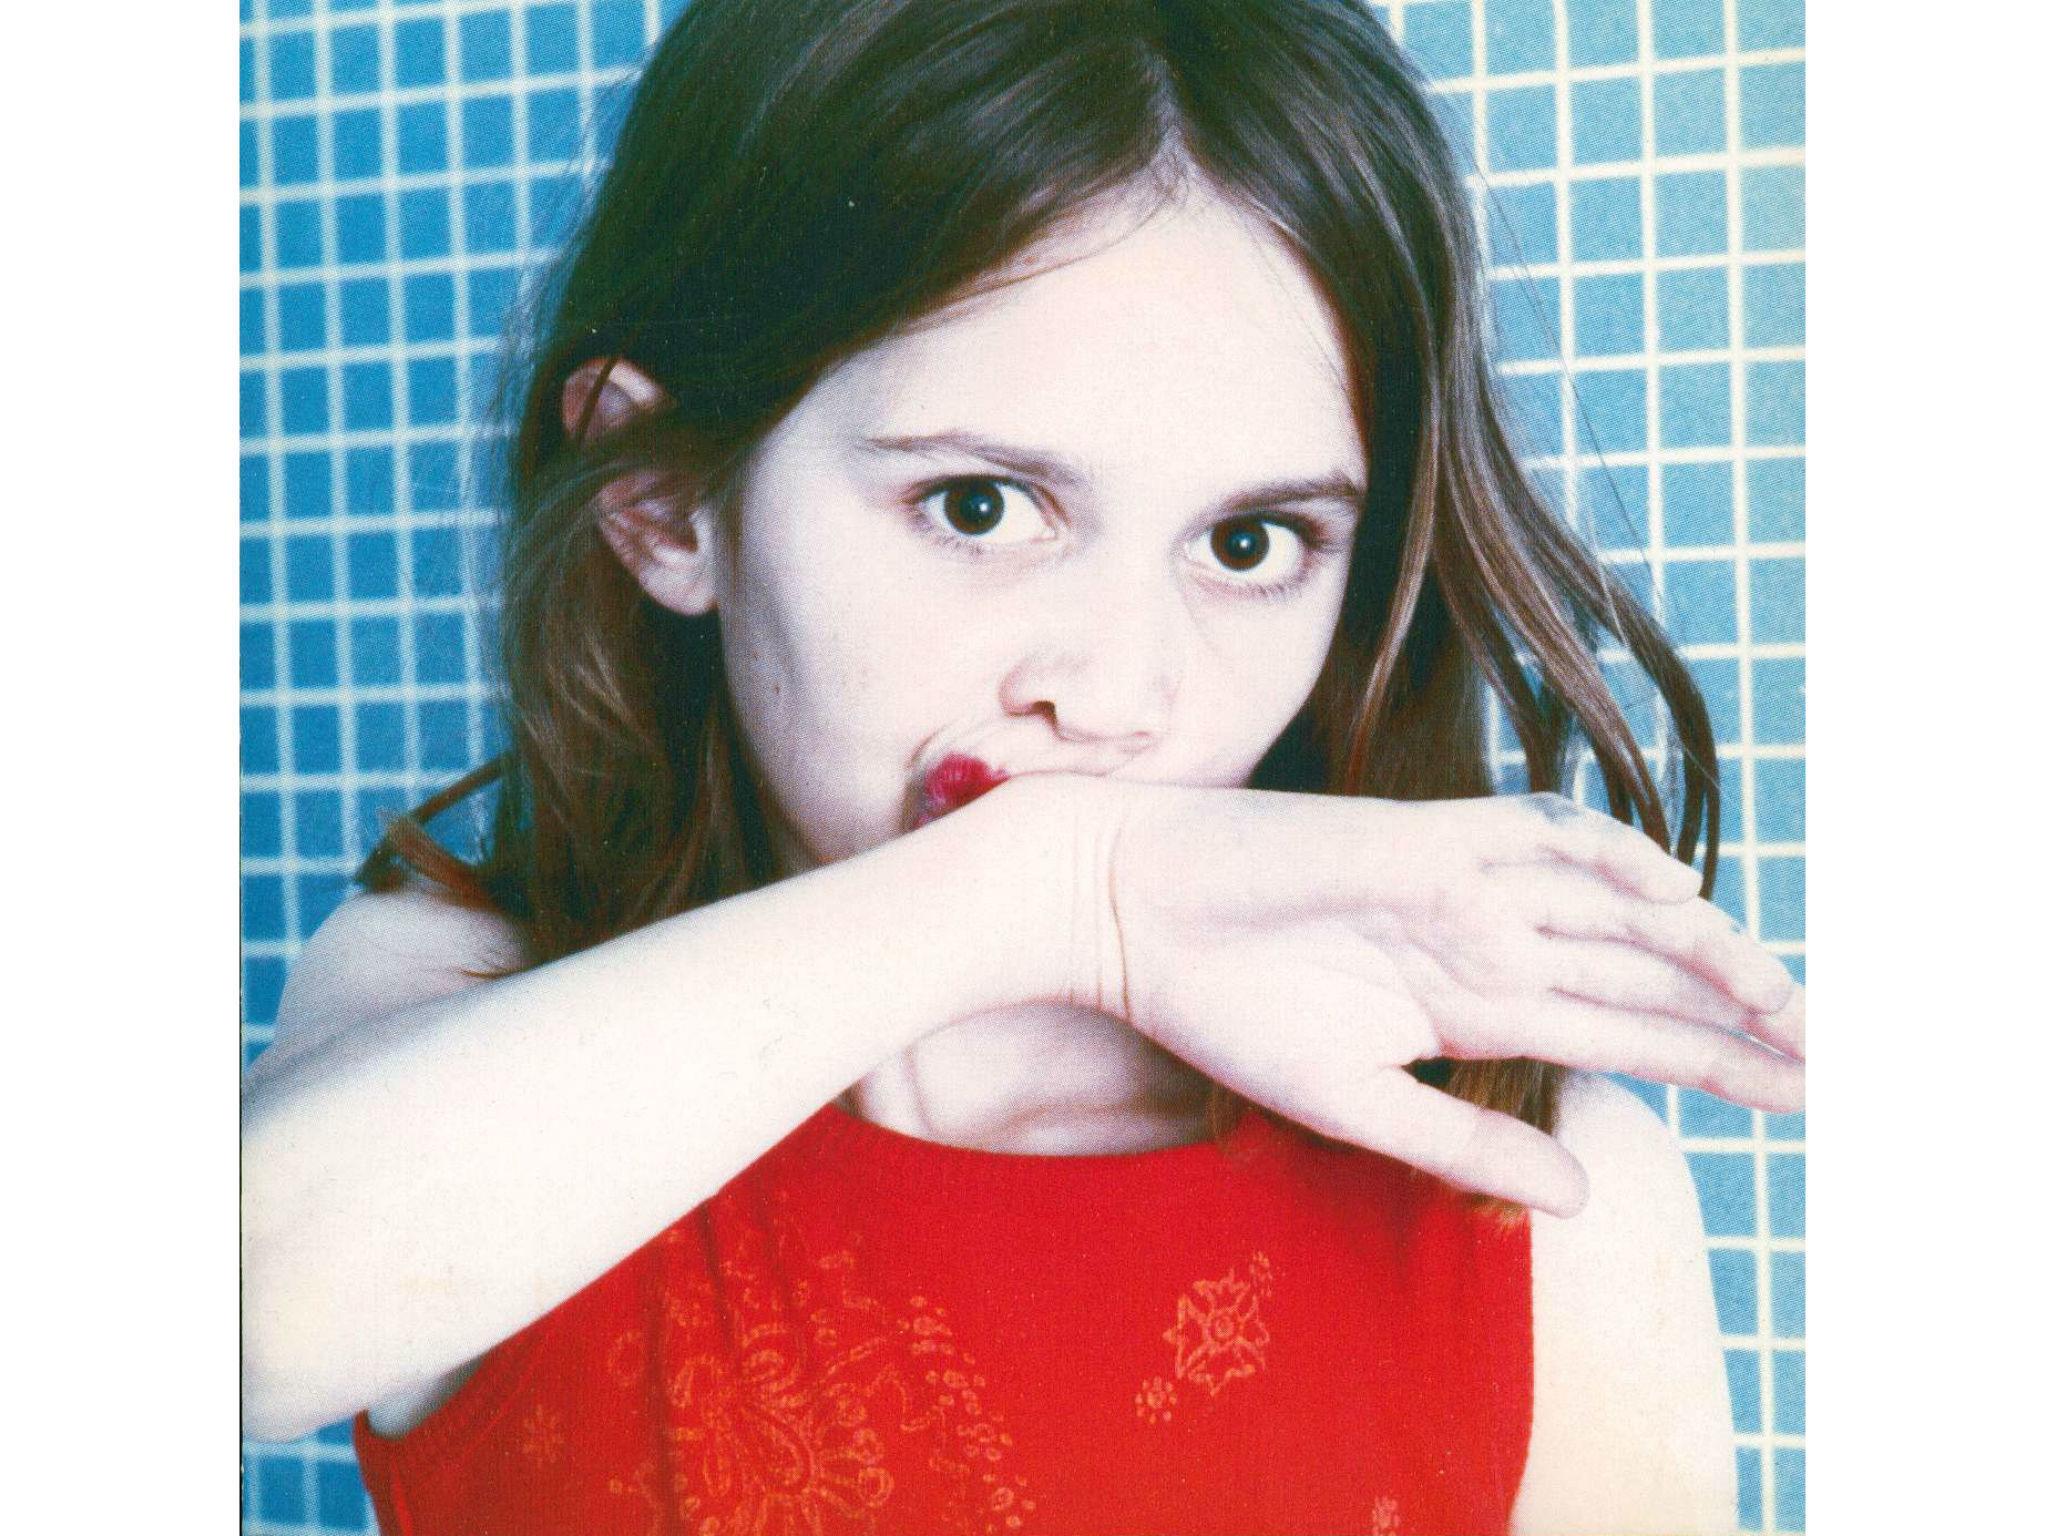 La portada del sencillo de Special Needs